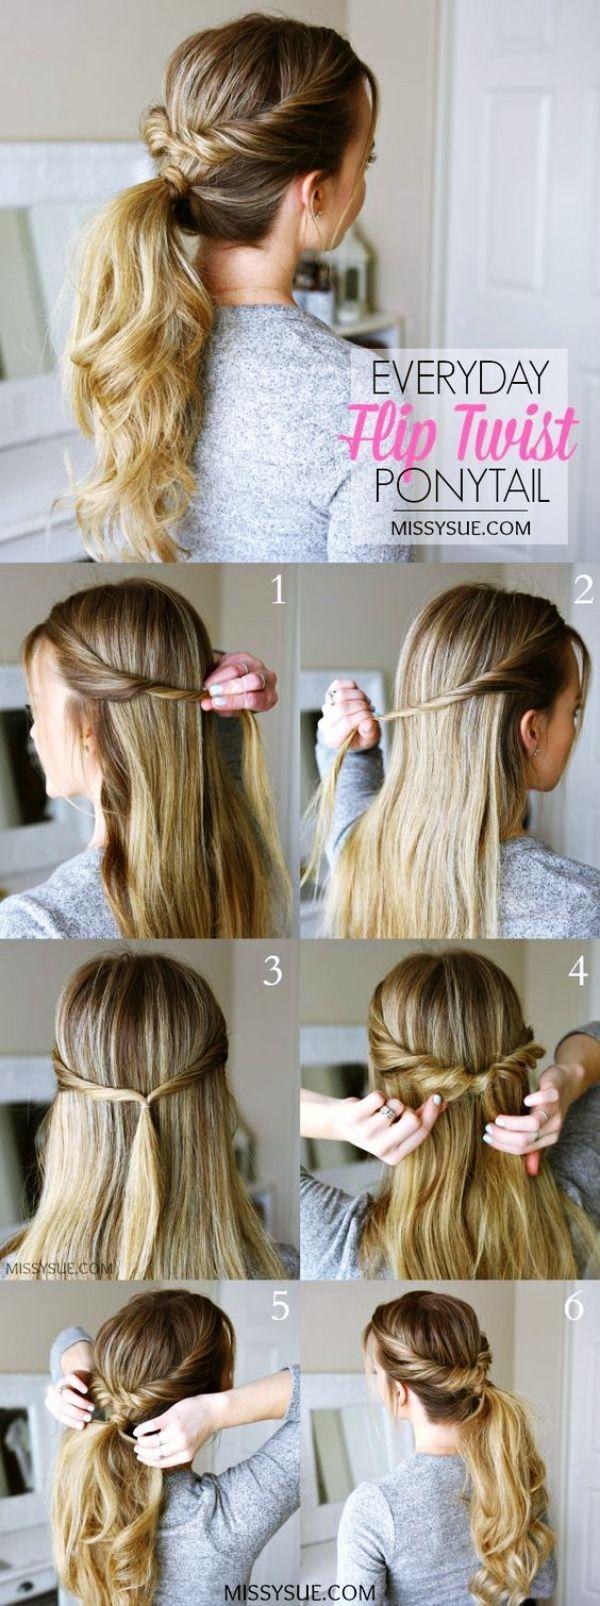 40 Quick Self Frisuren für die Arbeit MOMs - Beste Trend Mode #coiffure